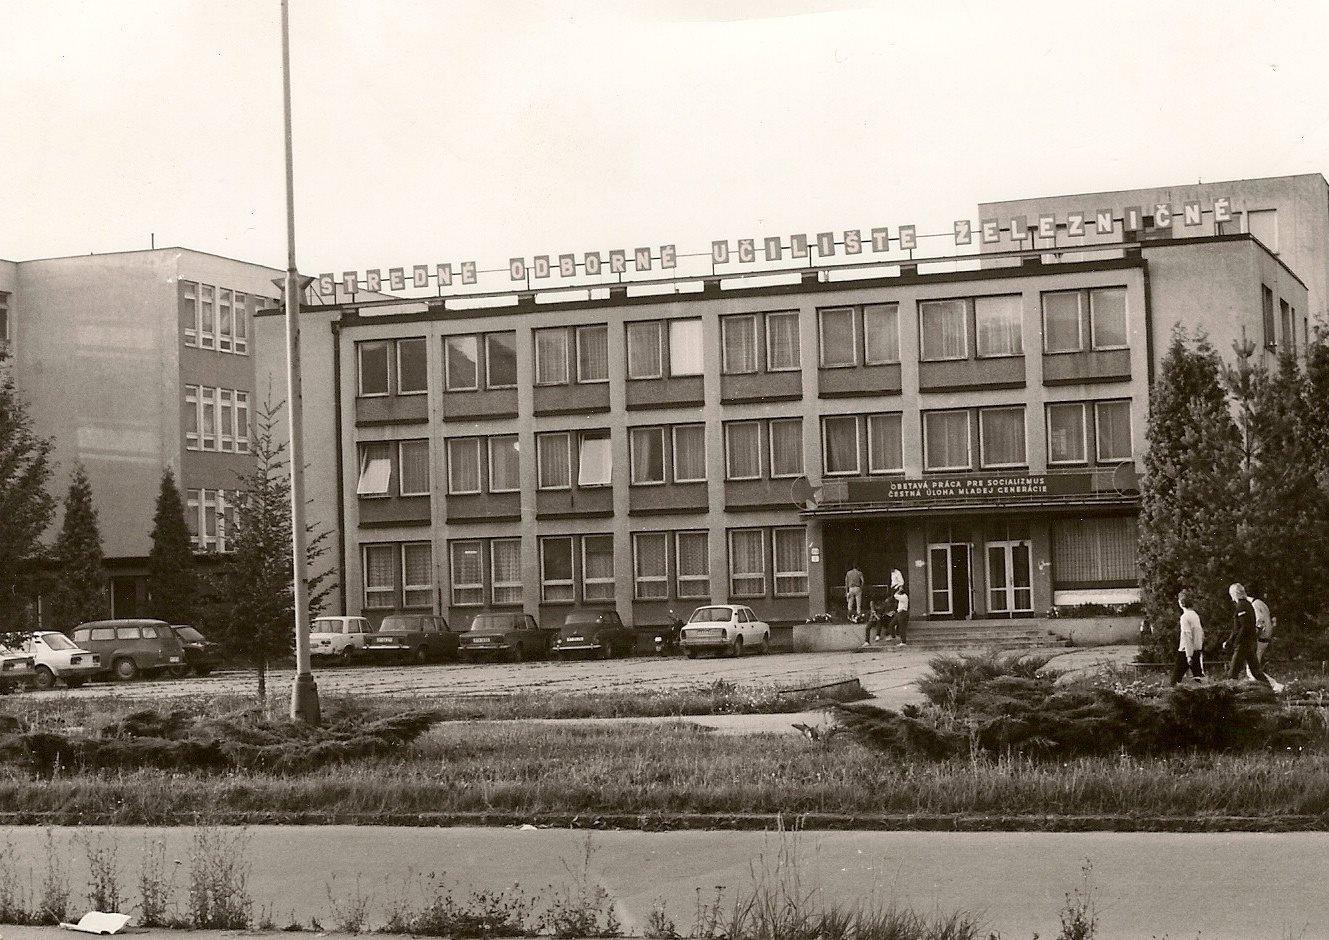 Učilište želežničné, 90te roky